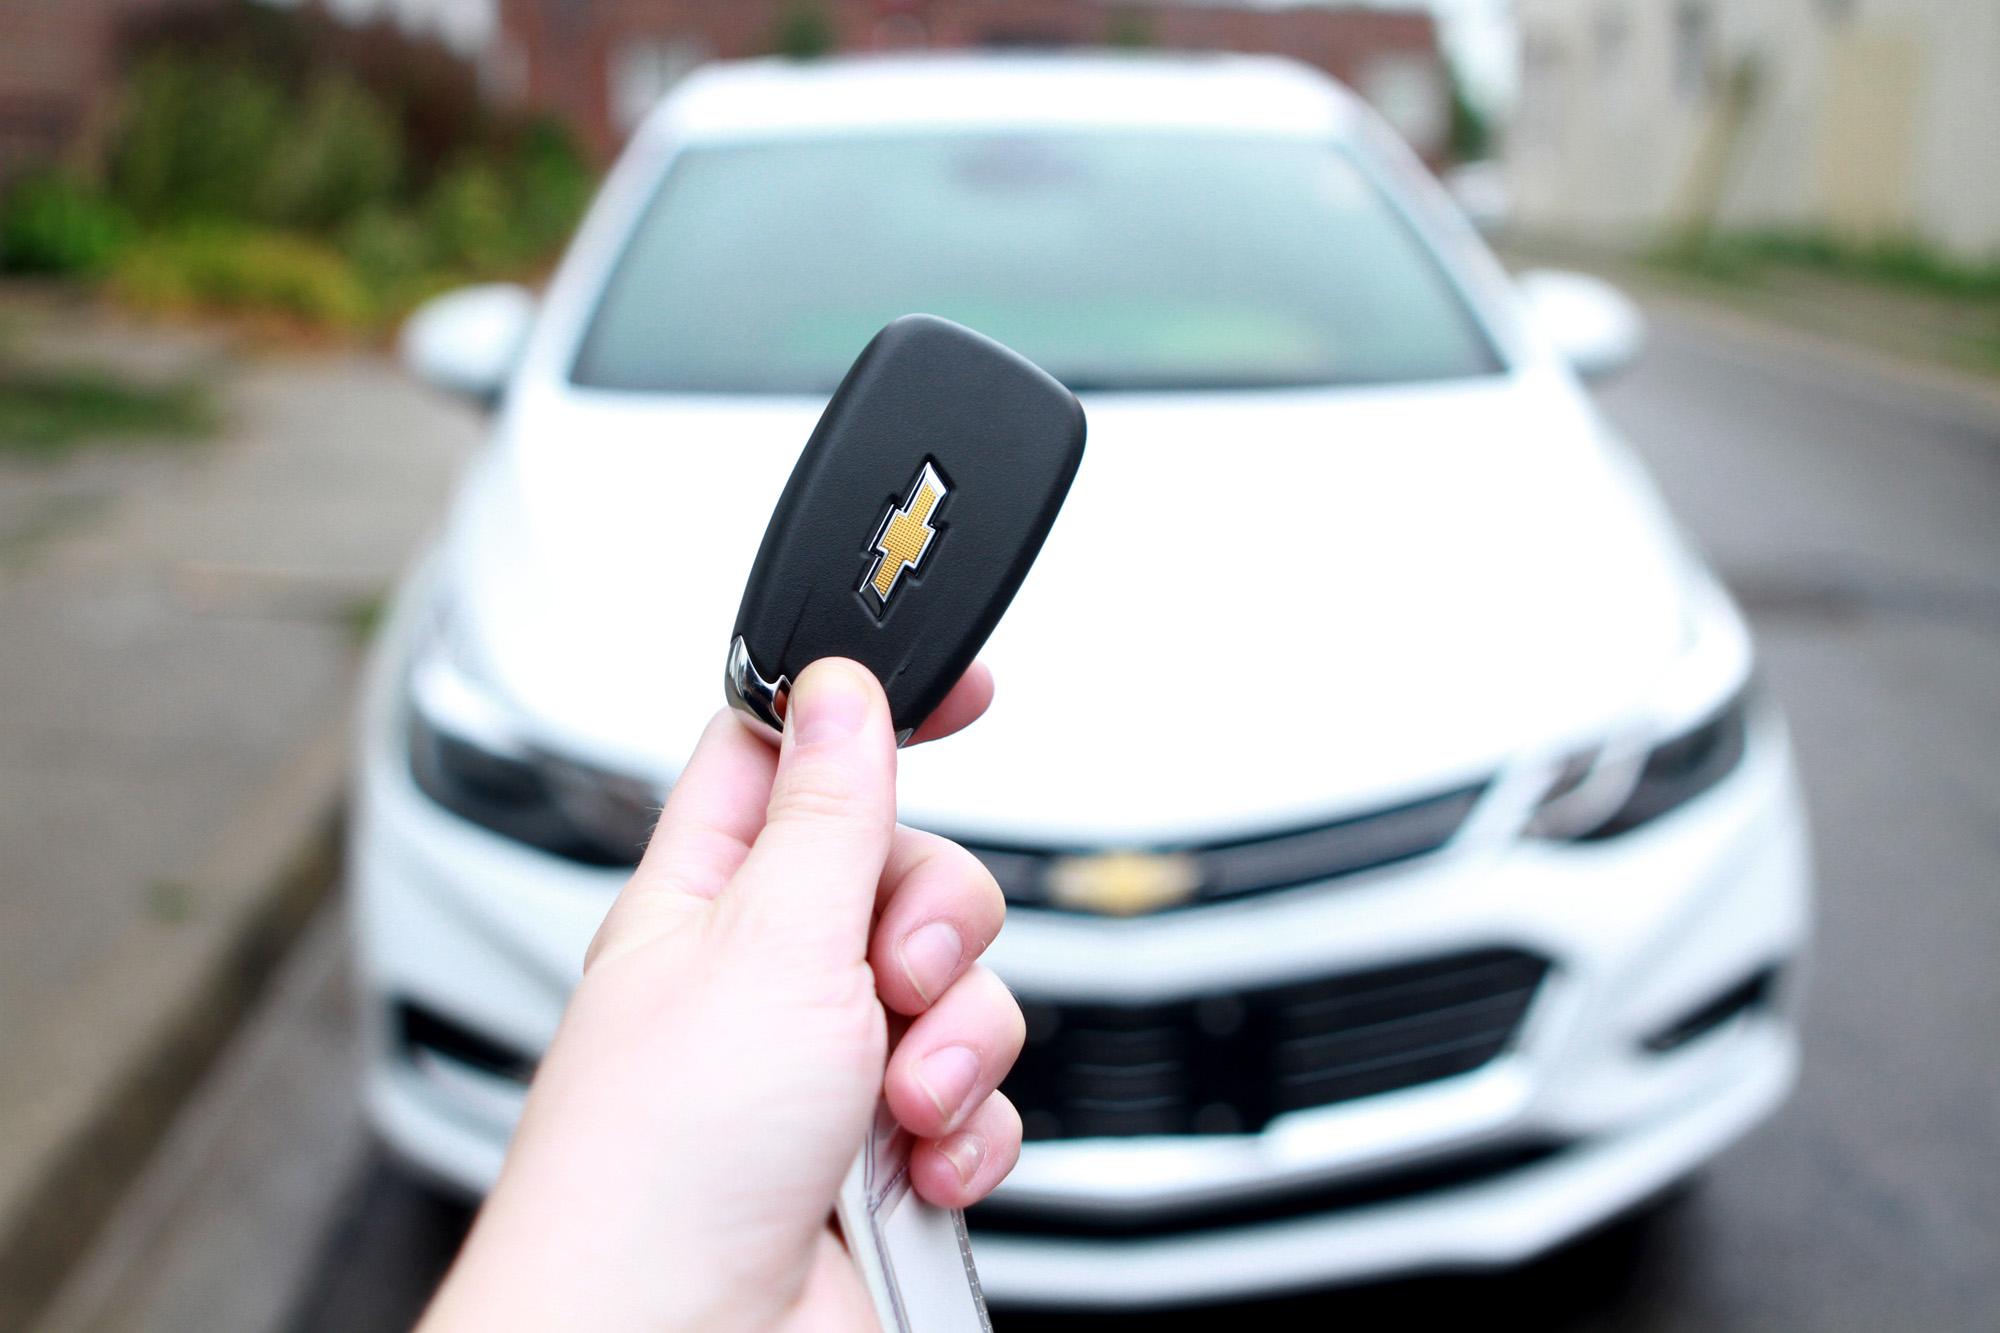 2016 Chevrolet Cruze keyless remote